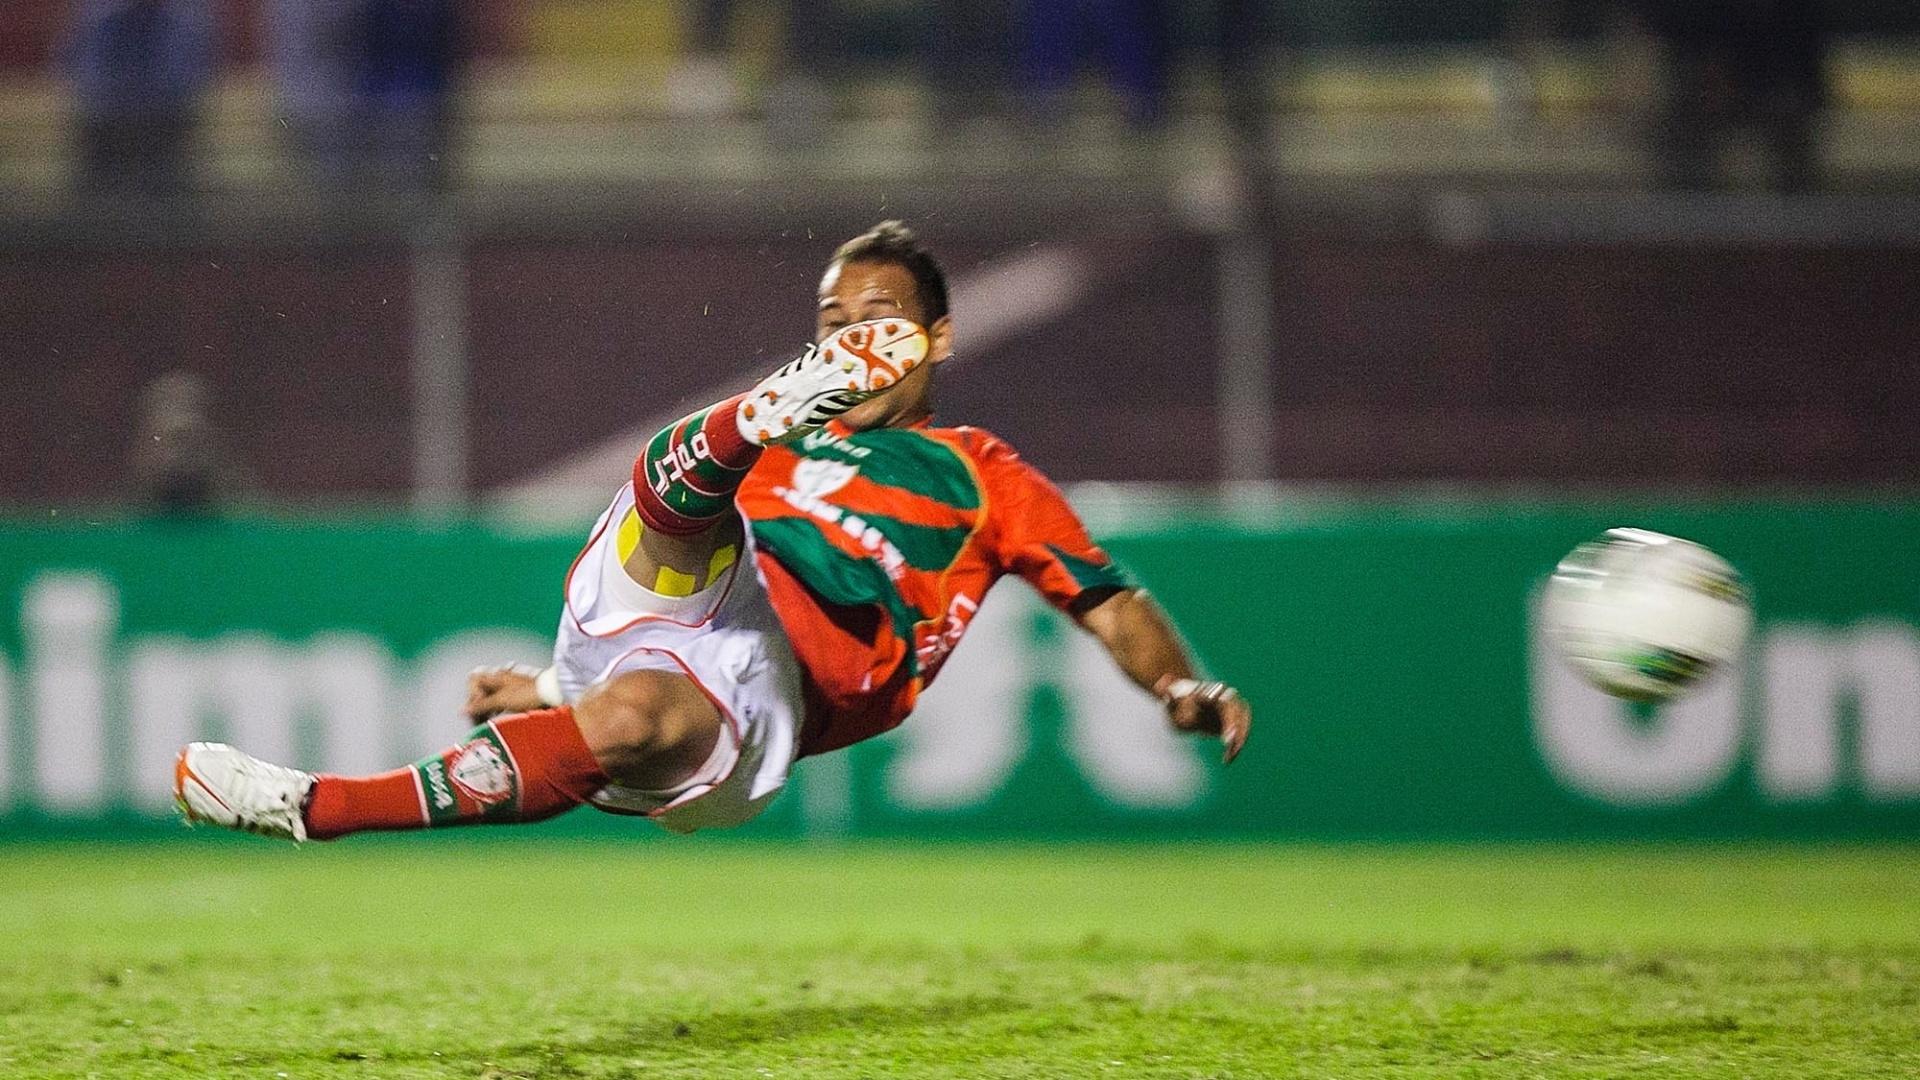 Atacante Rodriguinho tenta voleio no final do segundo tempo, no Canindé